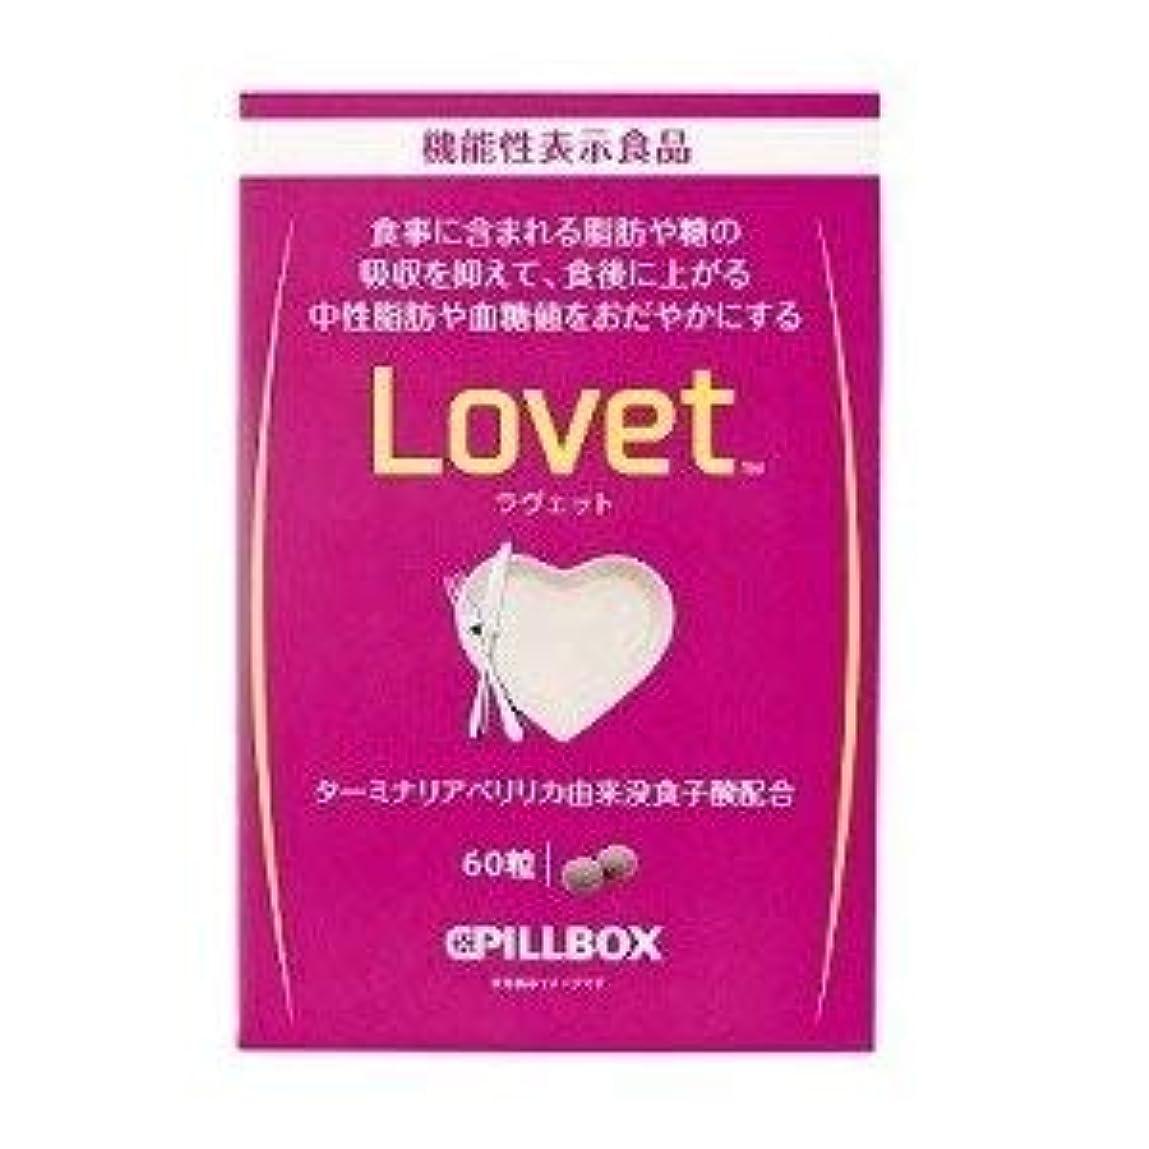 ペスト靄相反するピルボックス Lovet(ラヴェット)60粒 10個セット